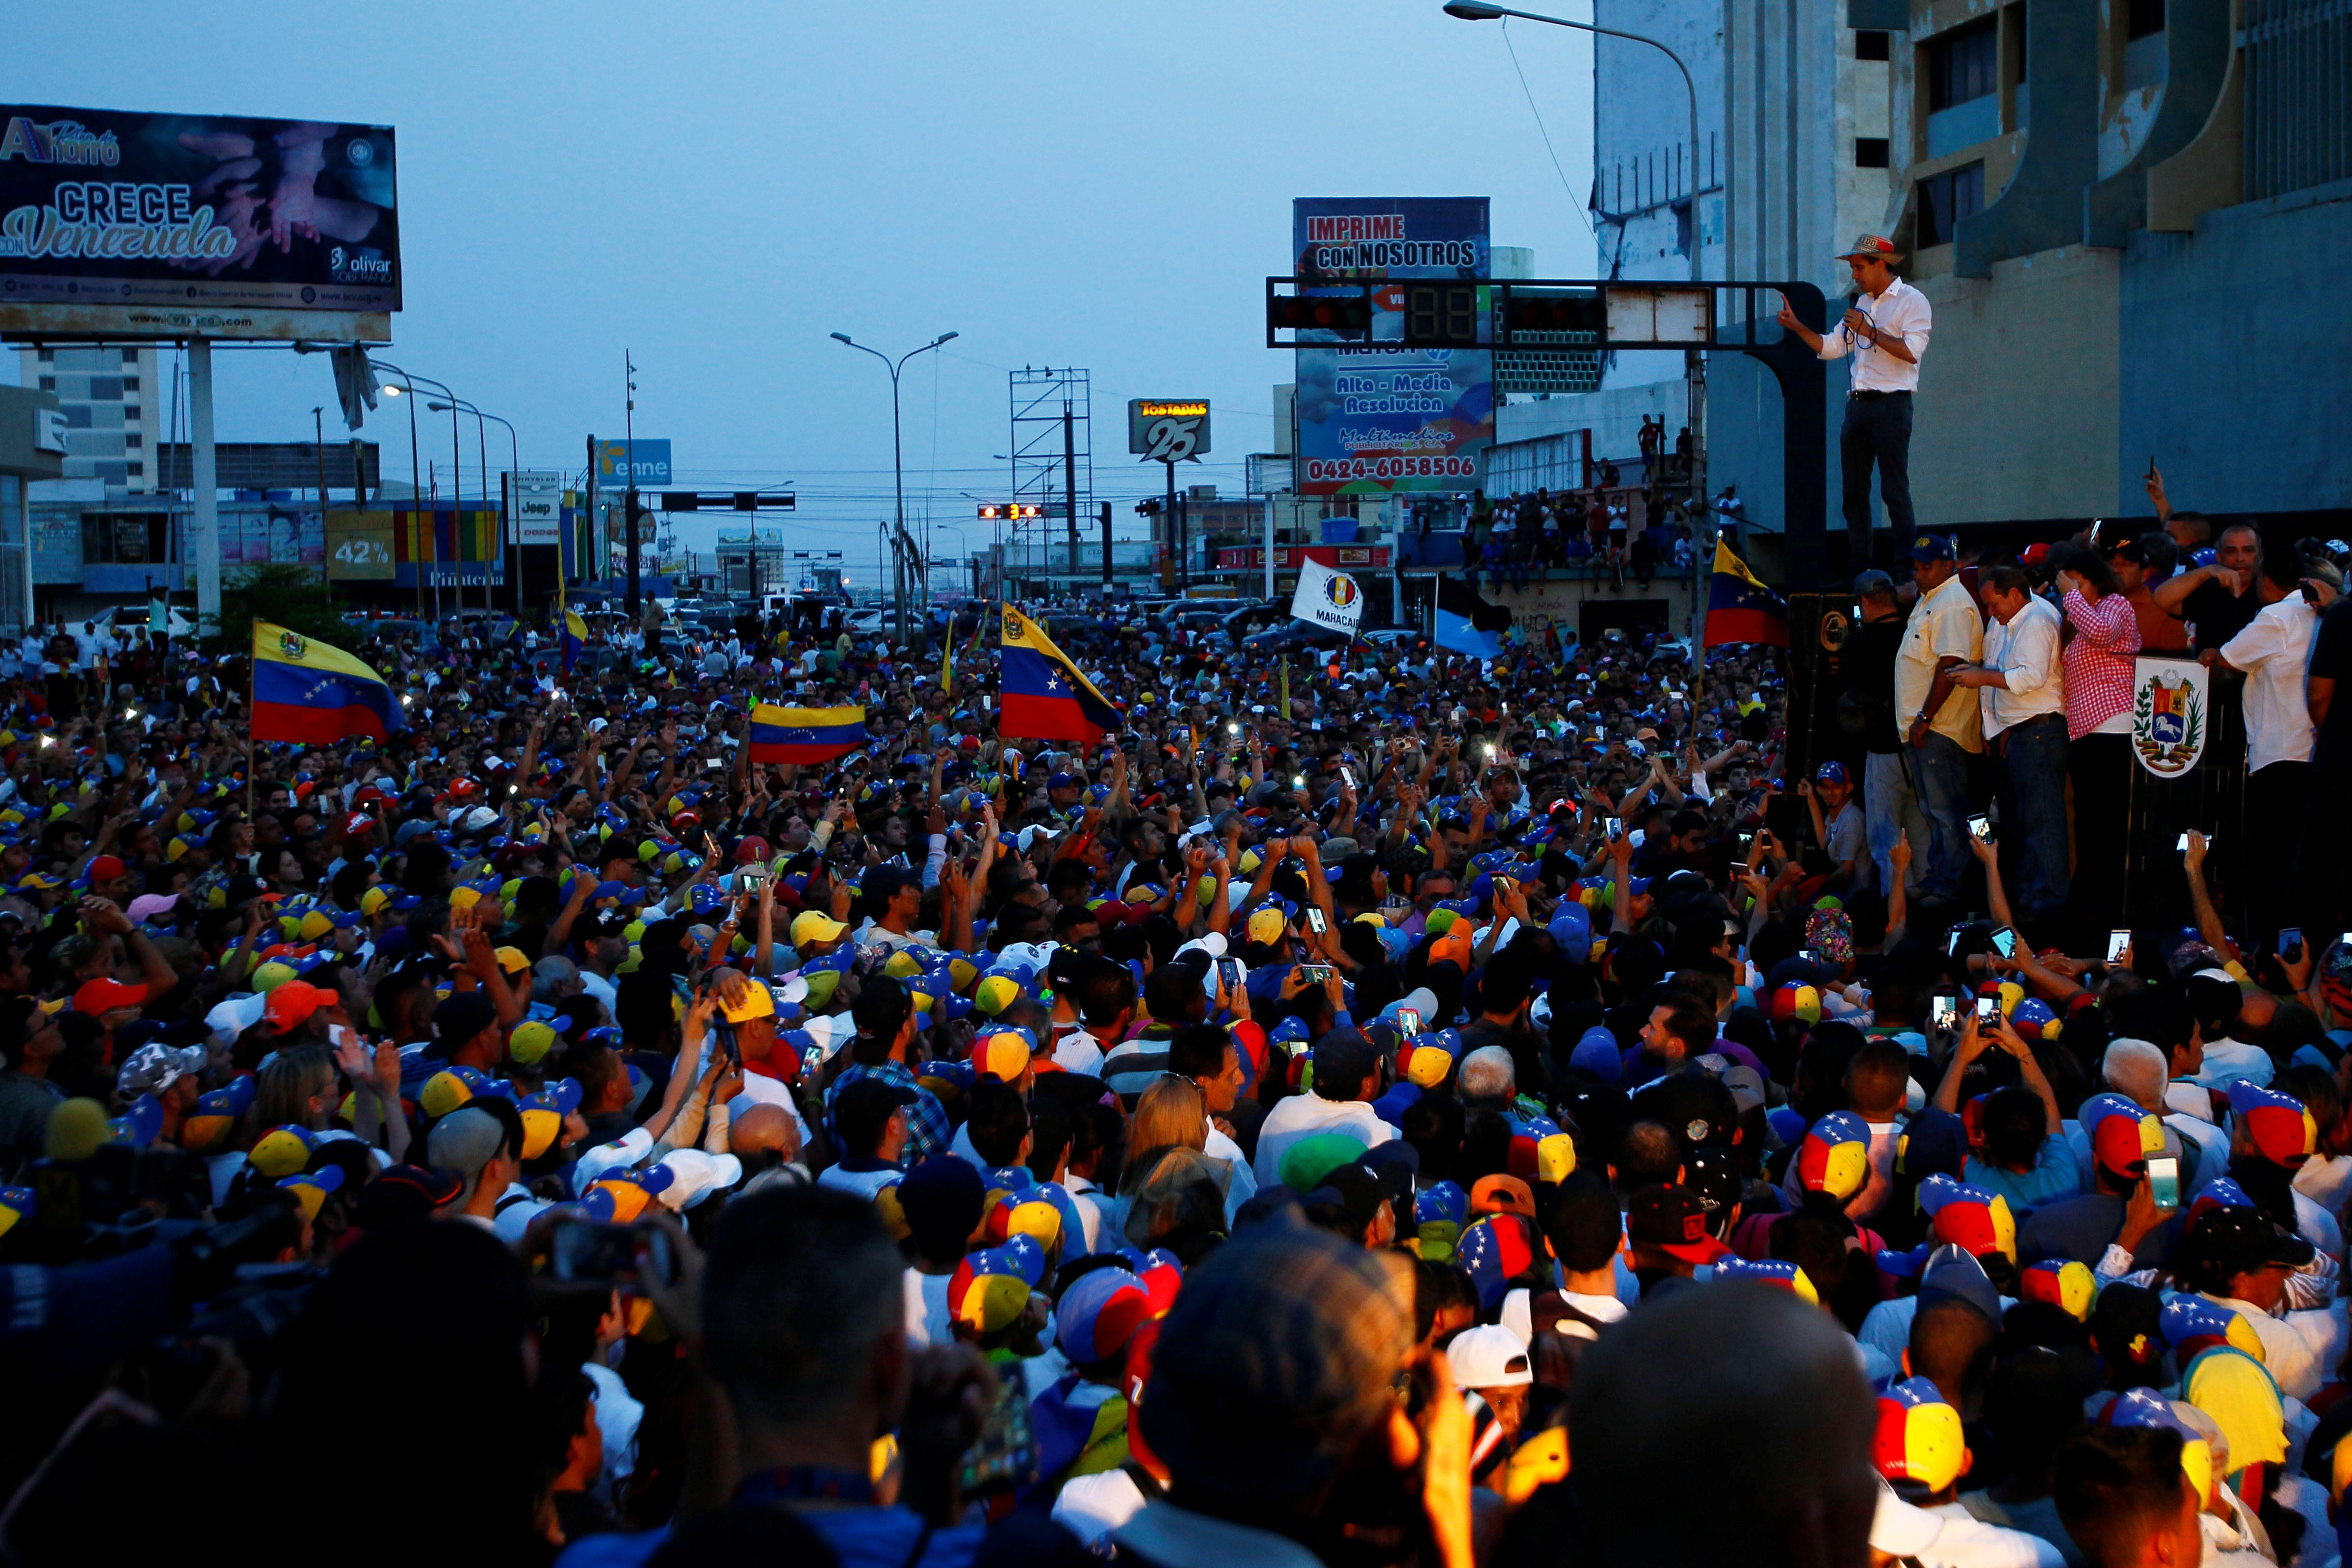 زعيم المعارضة الفنزويلية جوايدو يشارك في مظاهرة خلال زيارته لماراكايبو 16